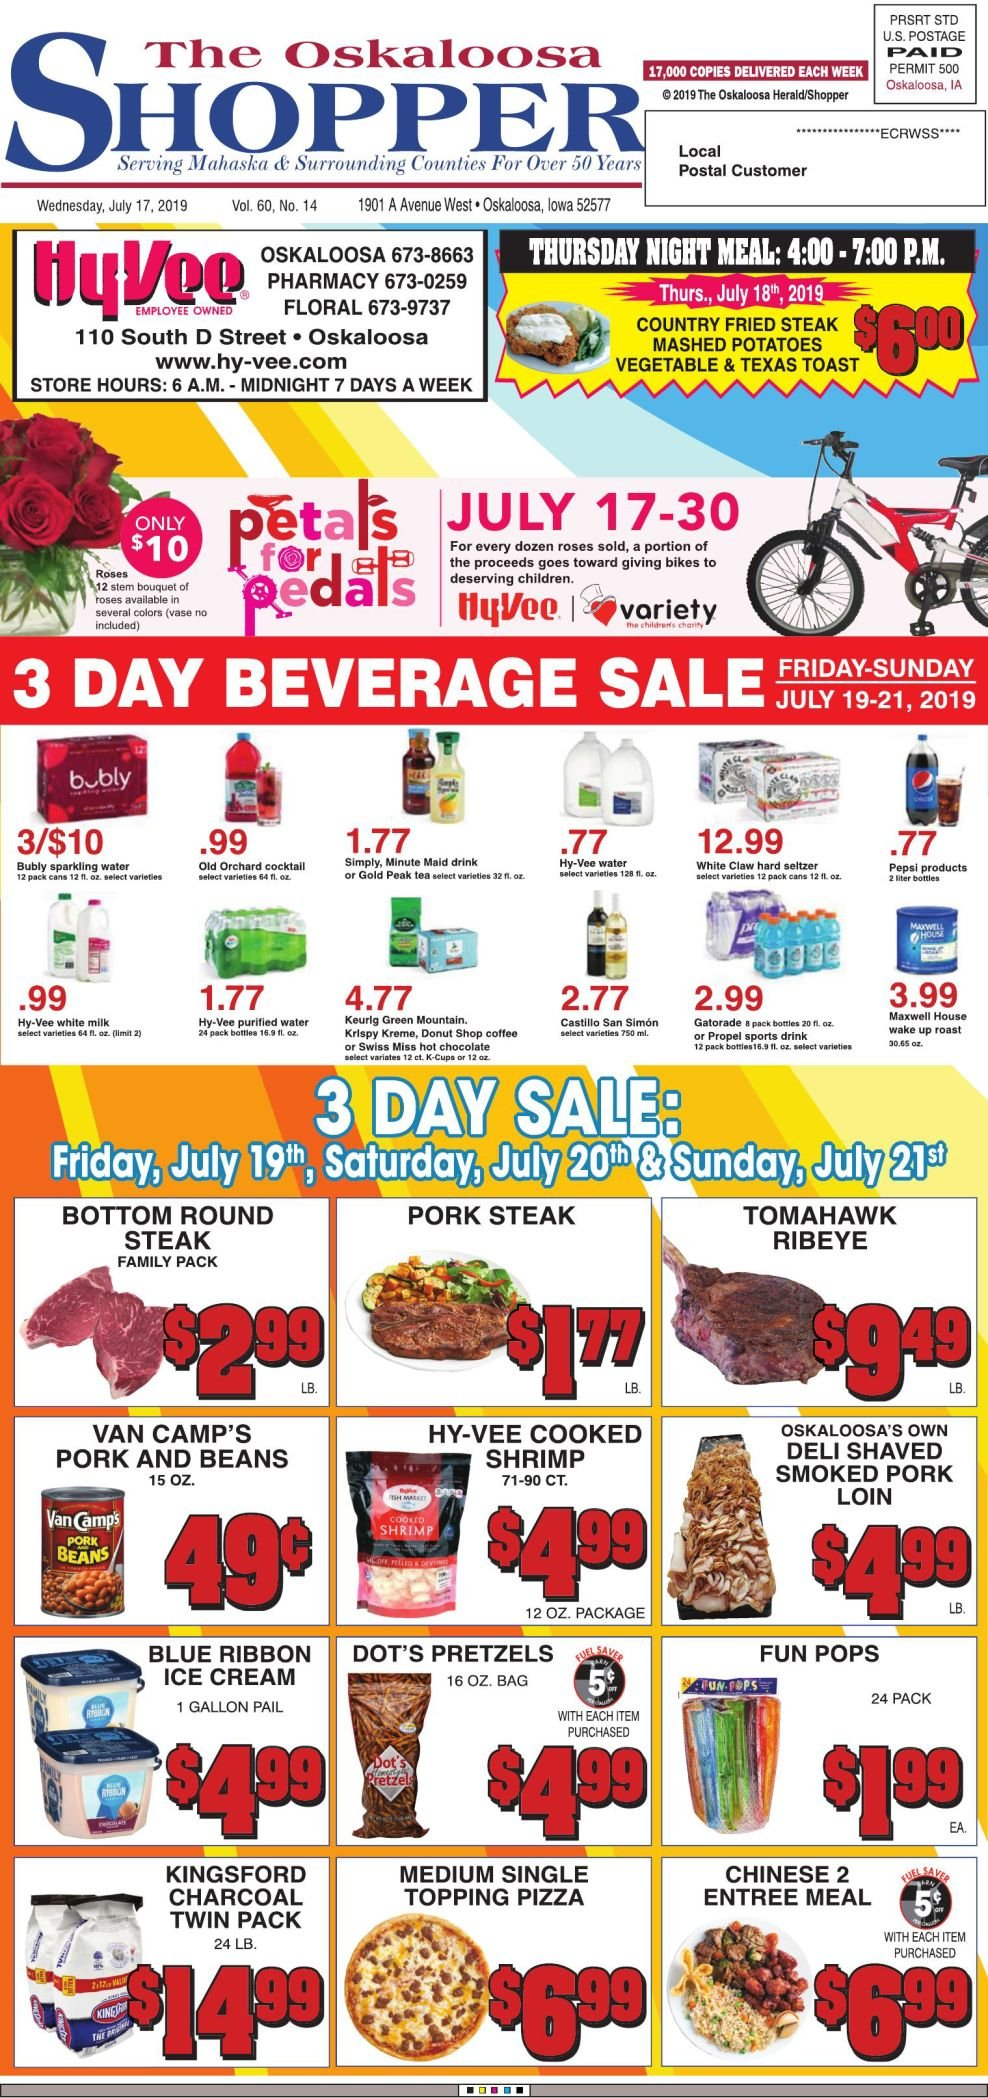 Oskaloosa Shopper week of 7/17/19